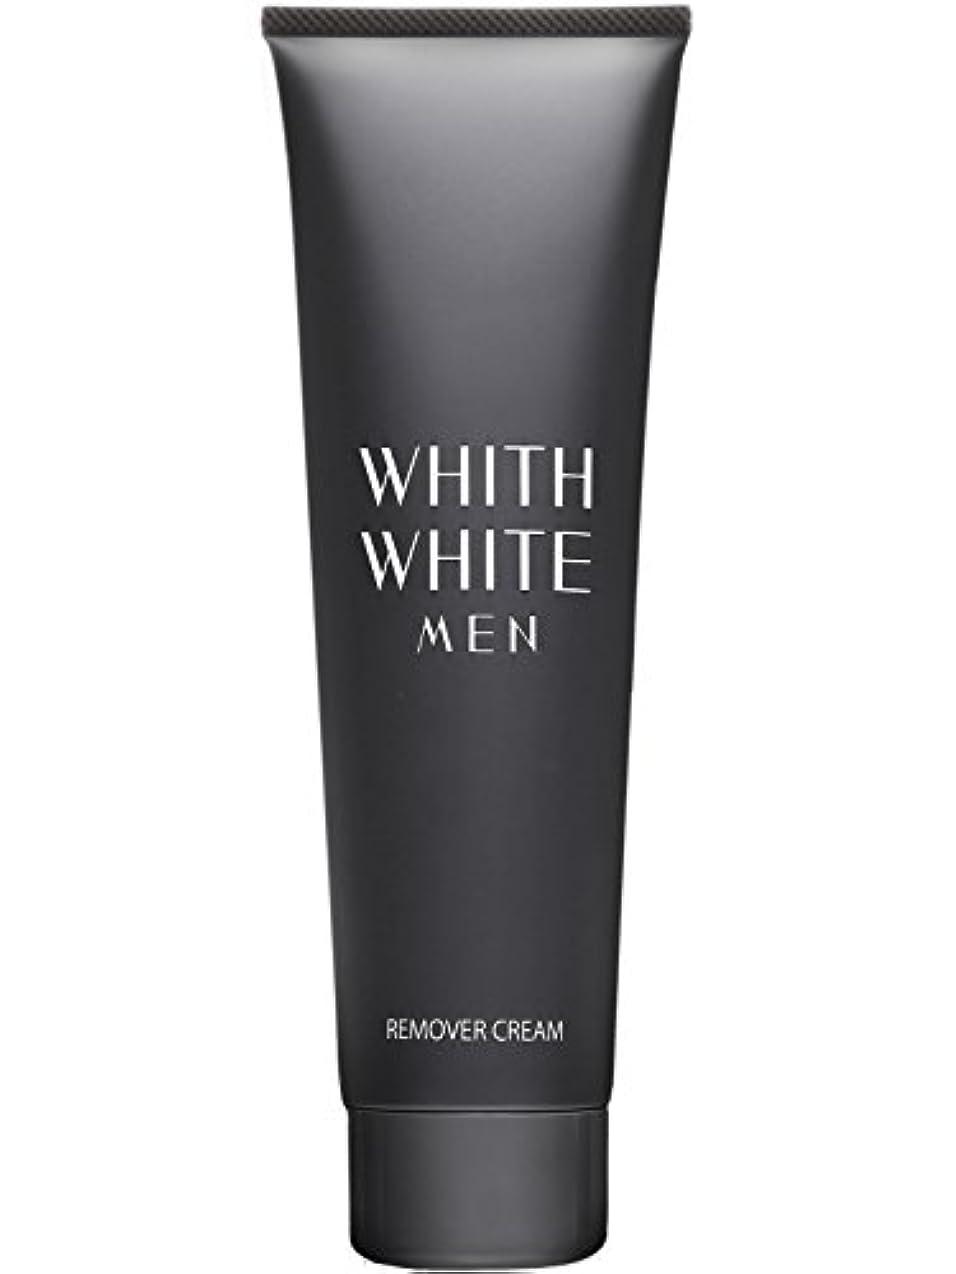 暖かさどこにでも視線医薬部外品 フィス ホワイト メンズ 除毛クリーム リムーバークリーム 陰部 使用可能 210g